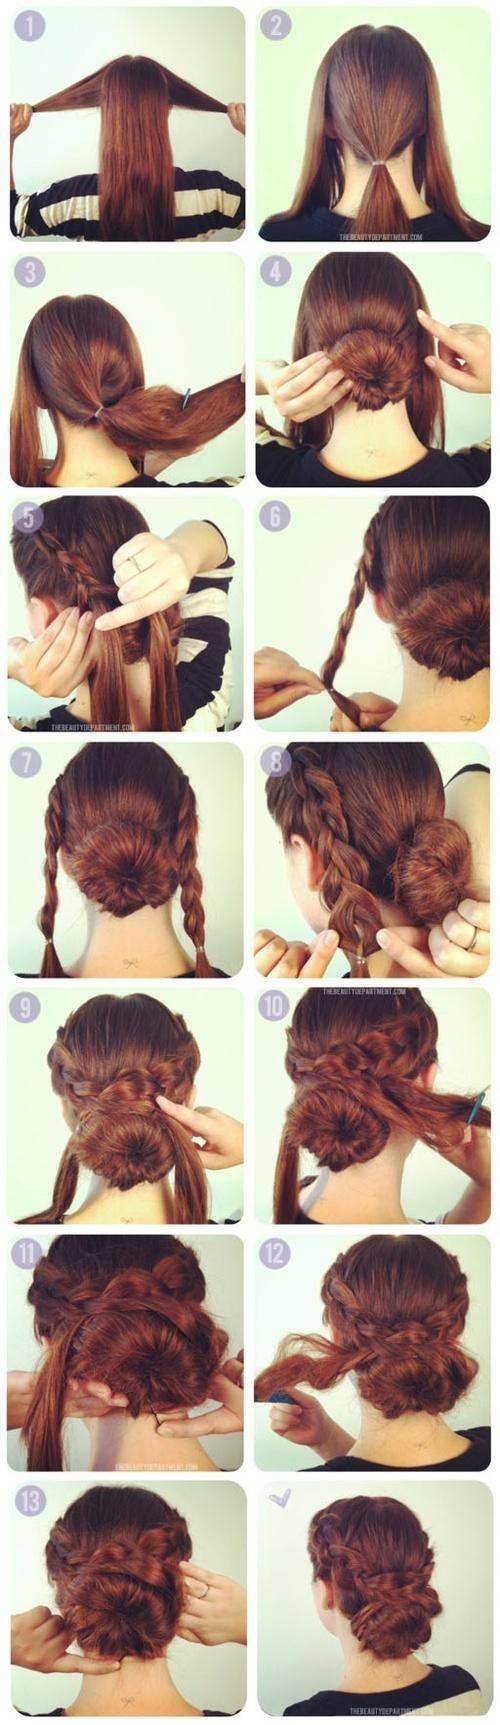 Braids and low sock bun hair tutorial